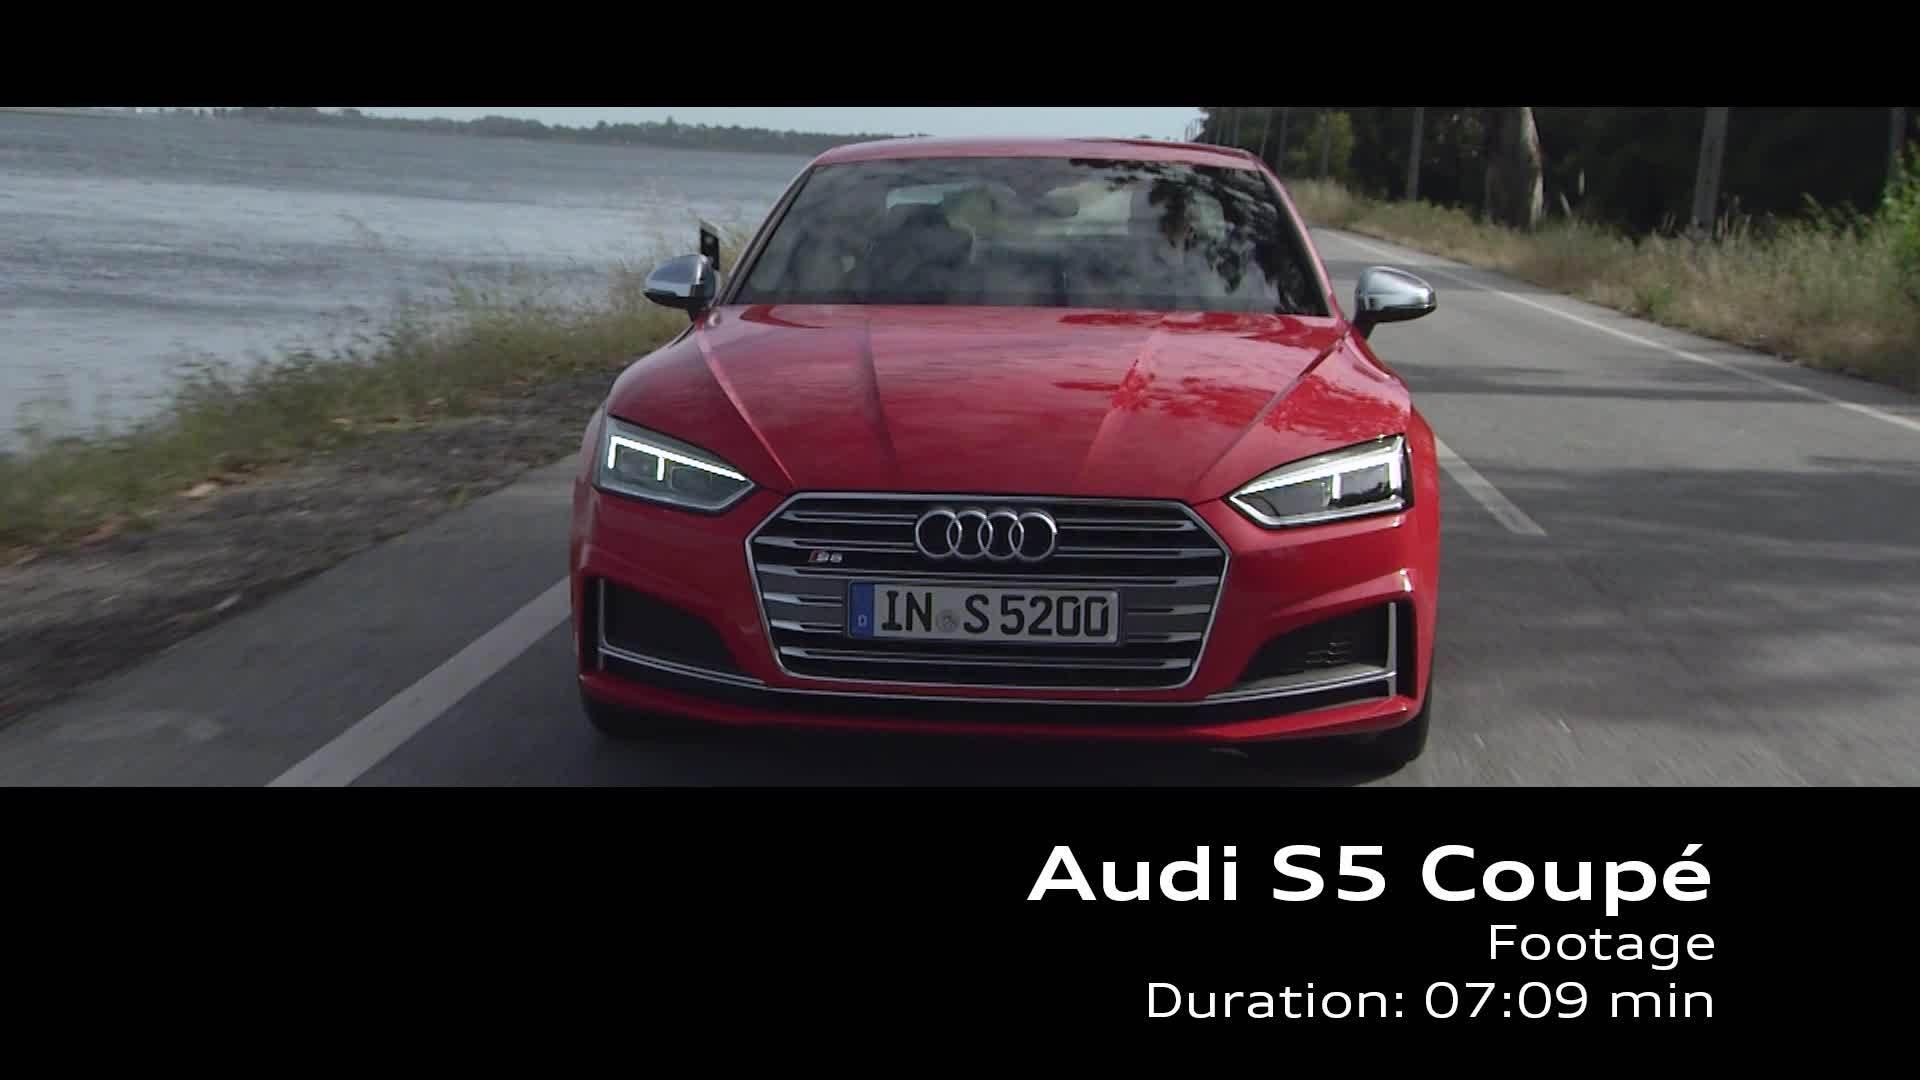 Audi S5 Coupé – Footage on Location